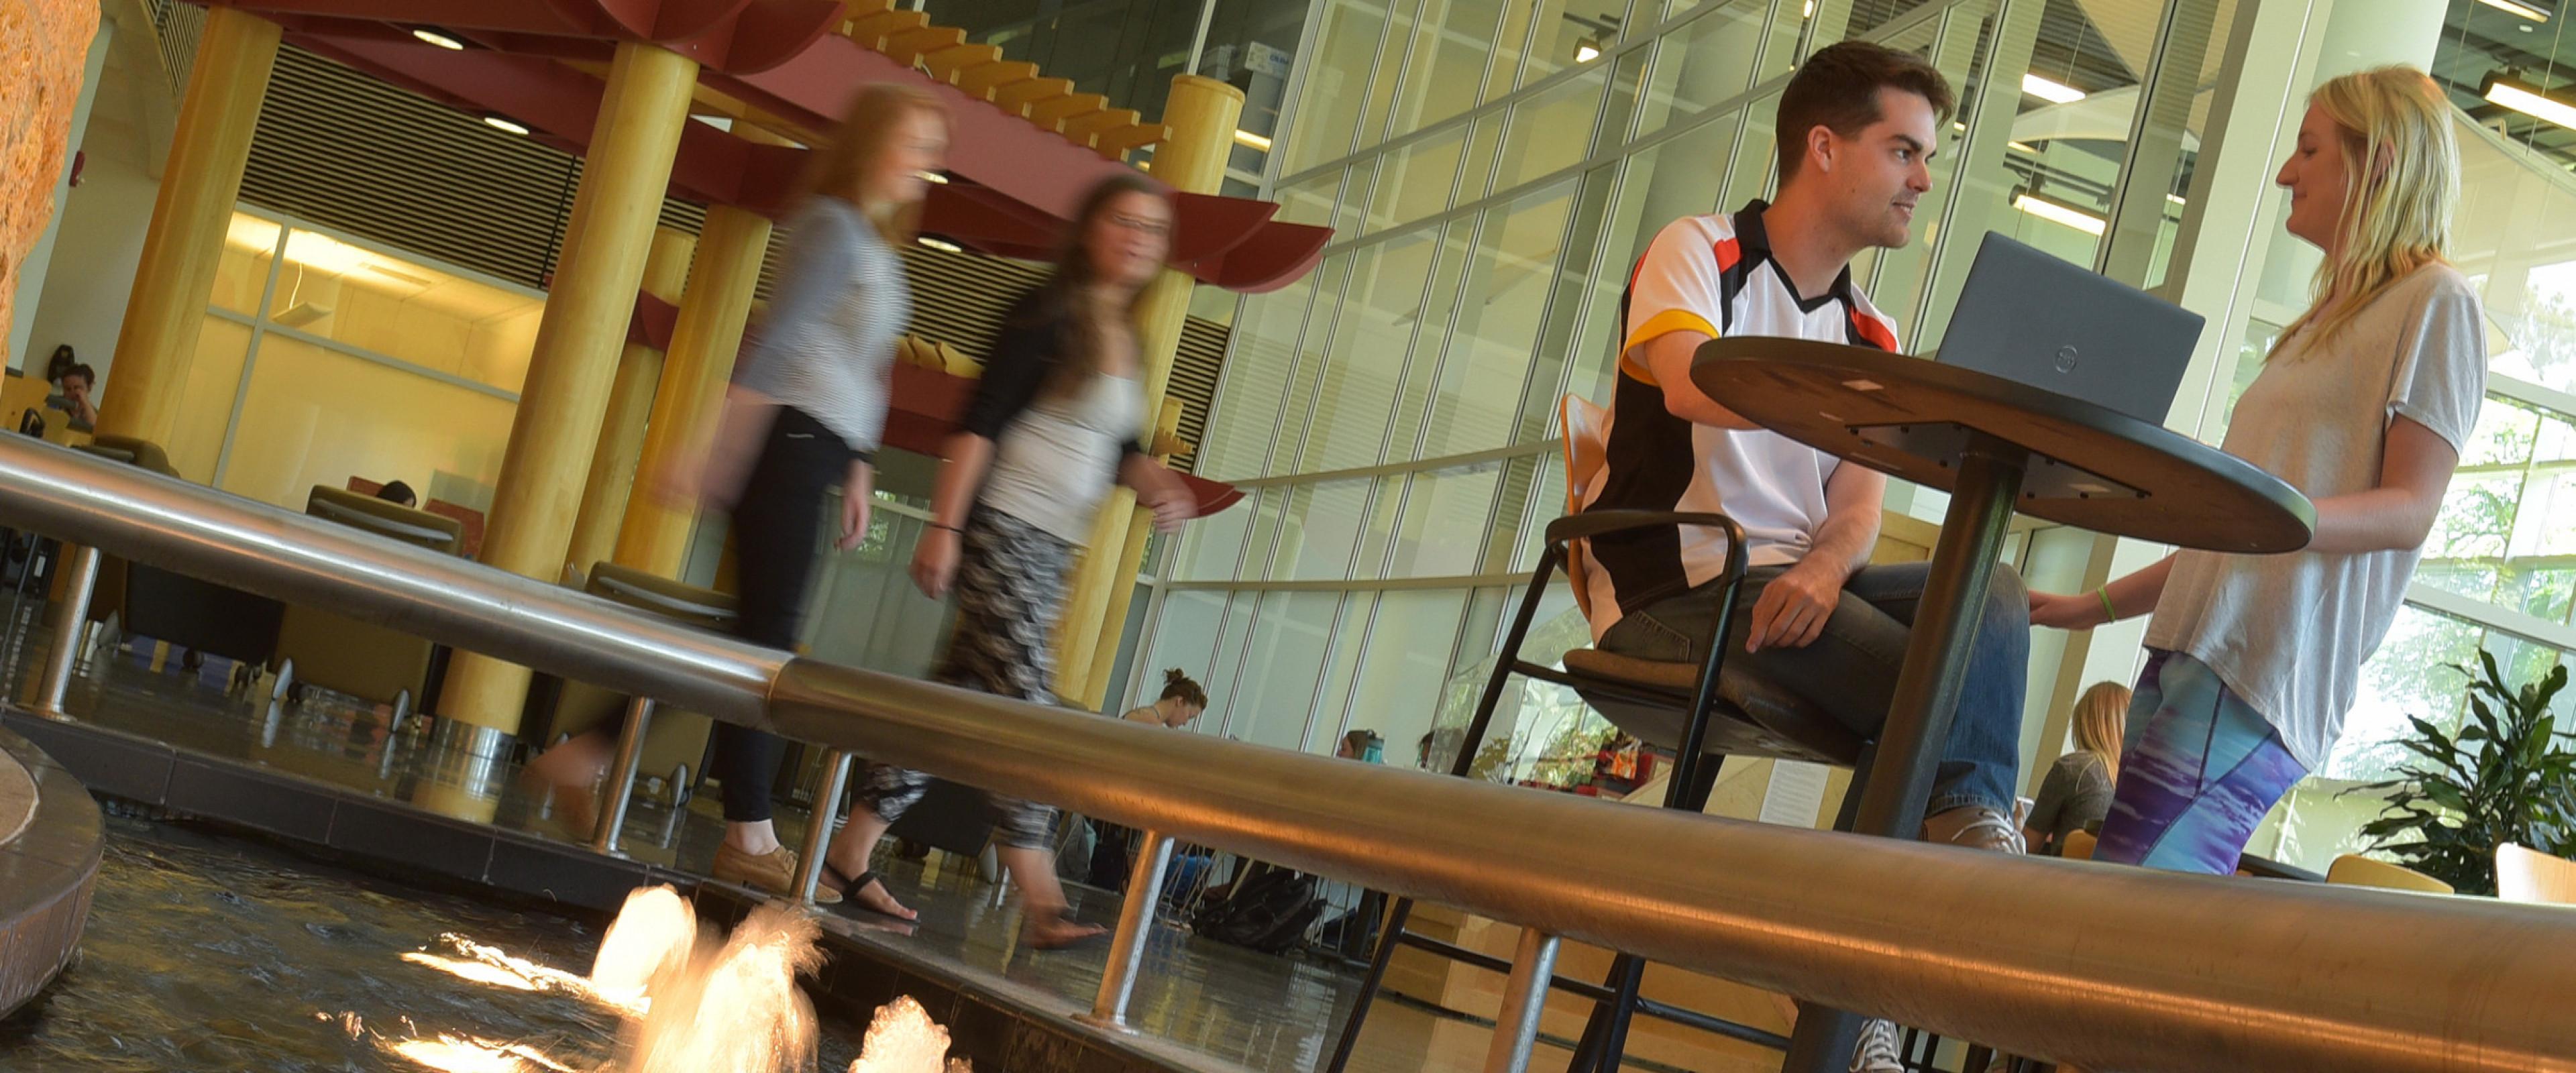 students in atrium